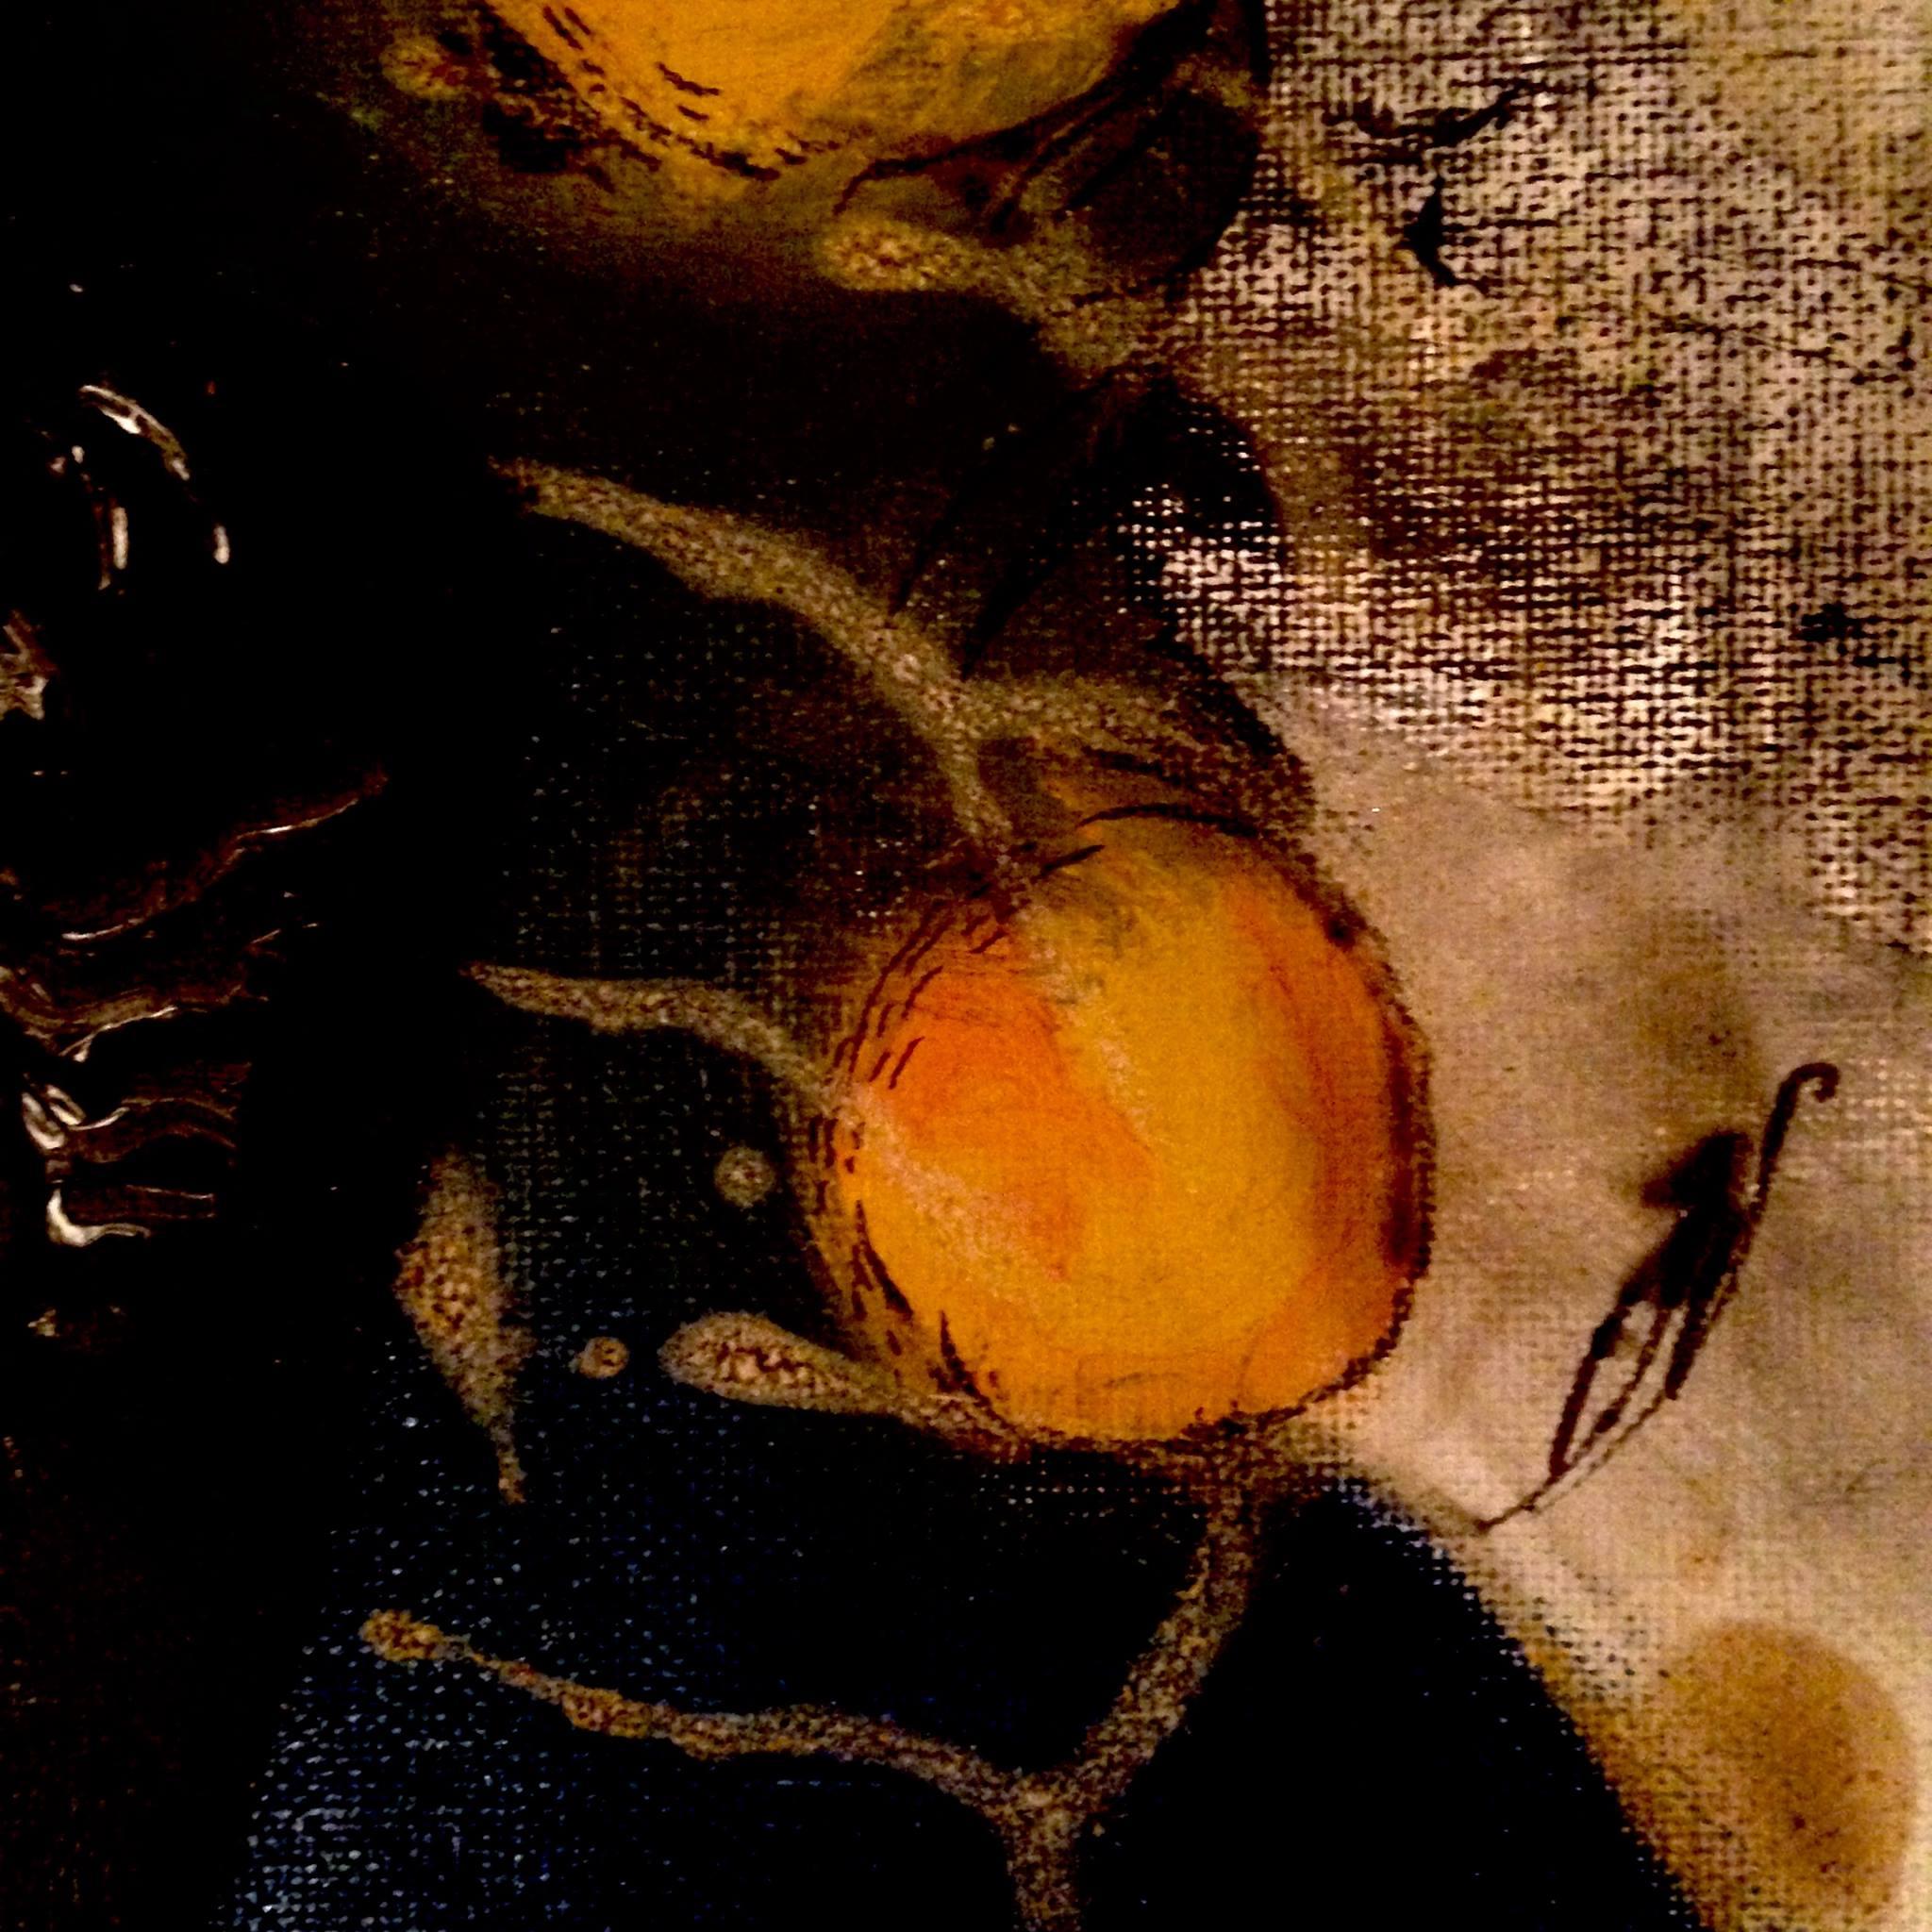 Miteh artwork